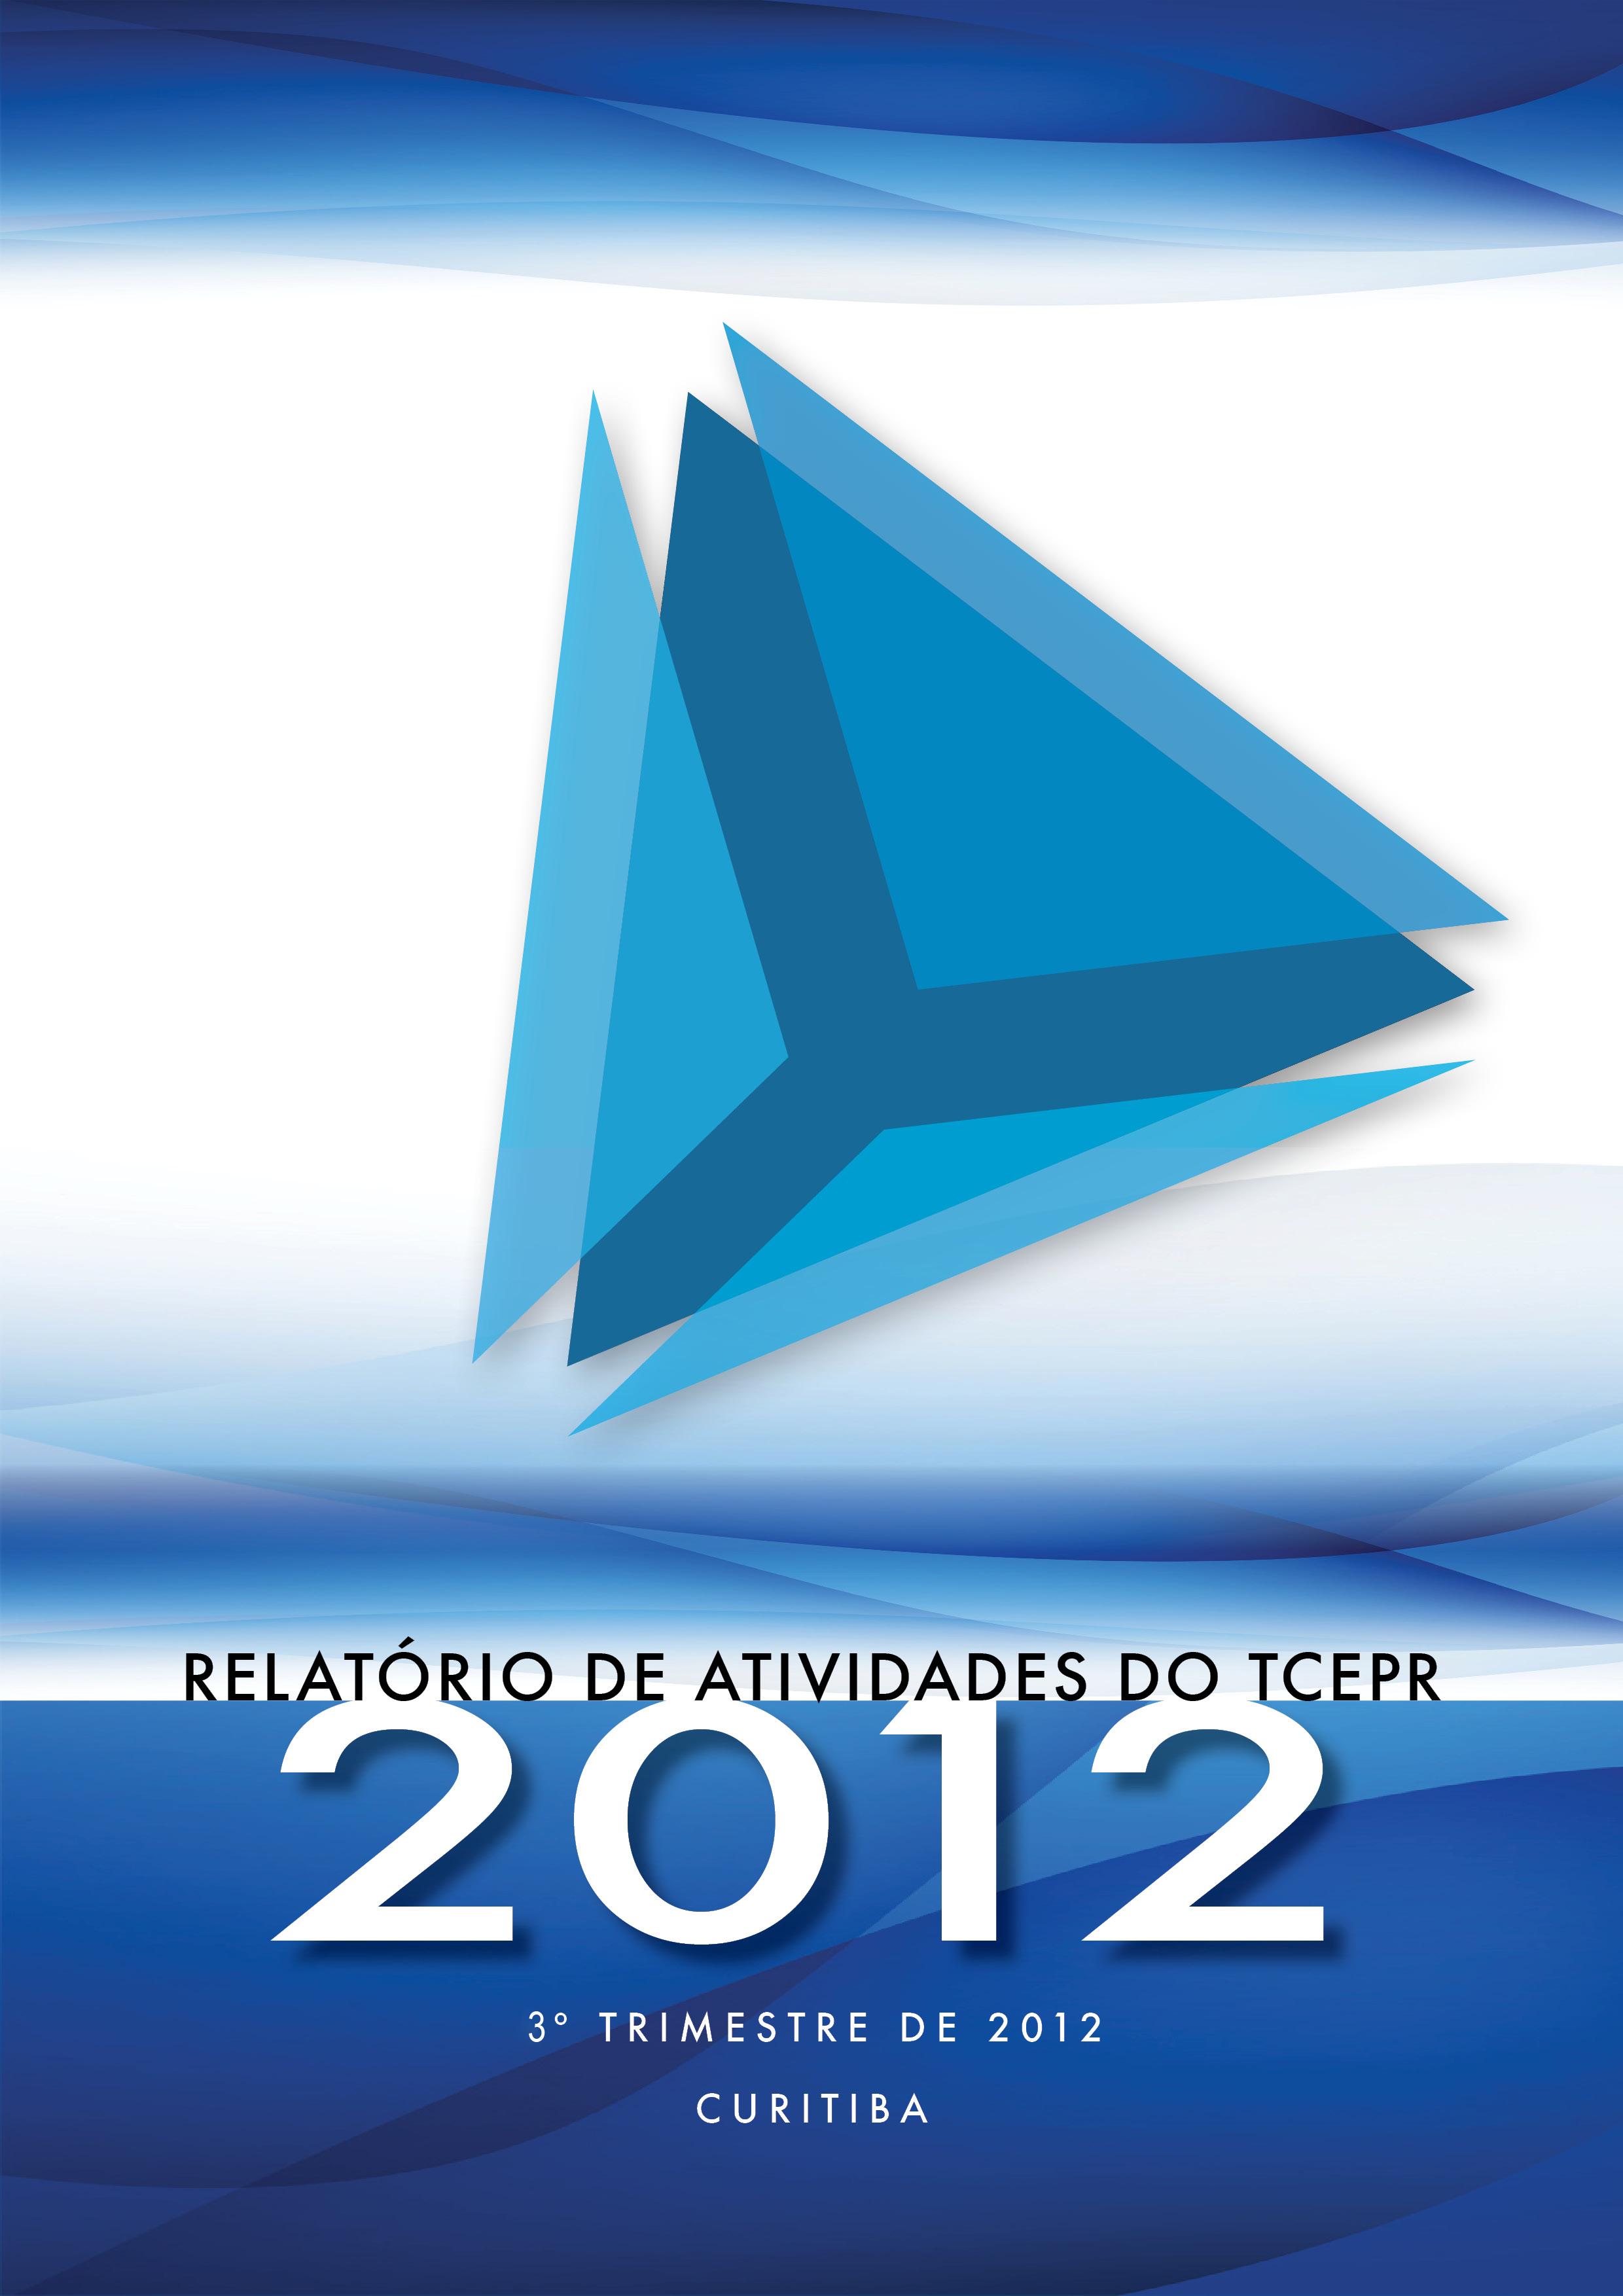 Relatório de Atividades - 3º Trimestre de 2012